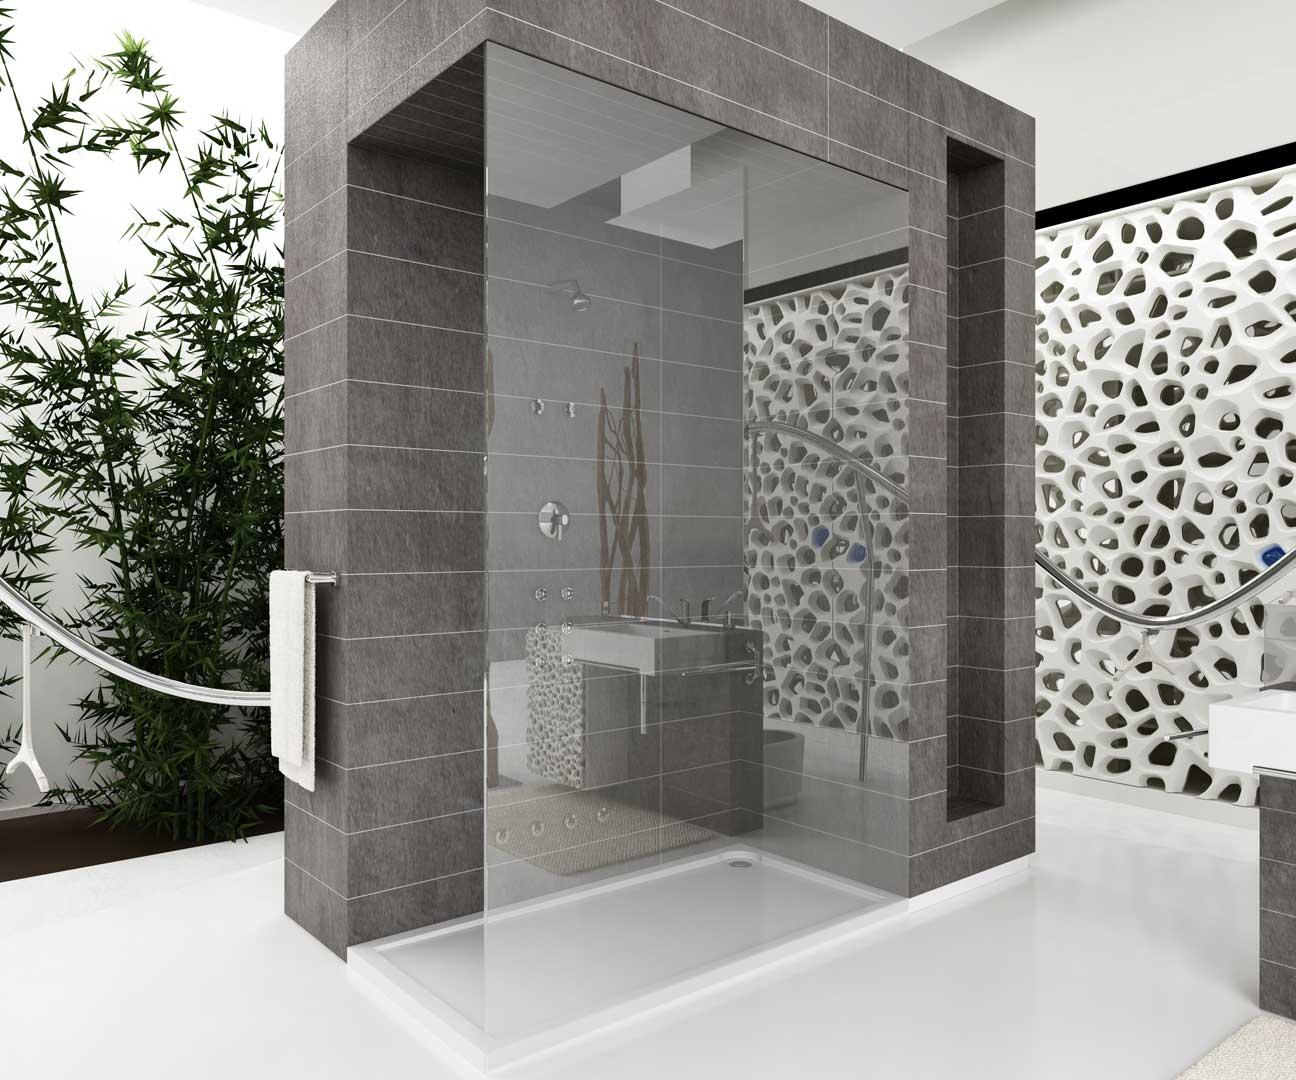 Rivero proyectos e instalaciones sl for Banera plato de ducha